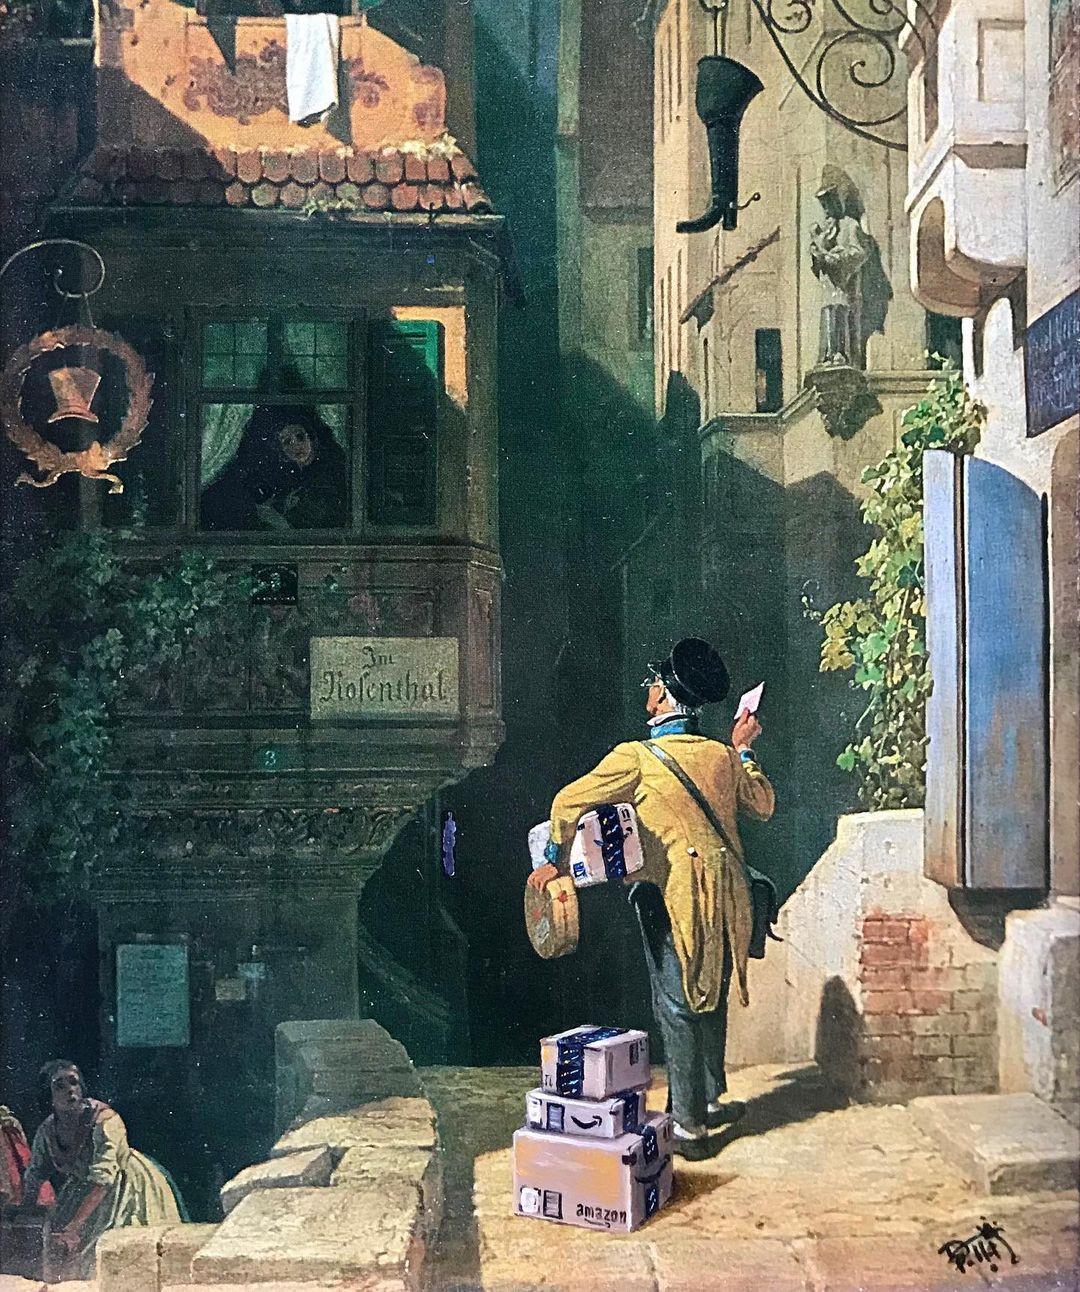 Известные современные вещи и персонажи на старых картинах